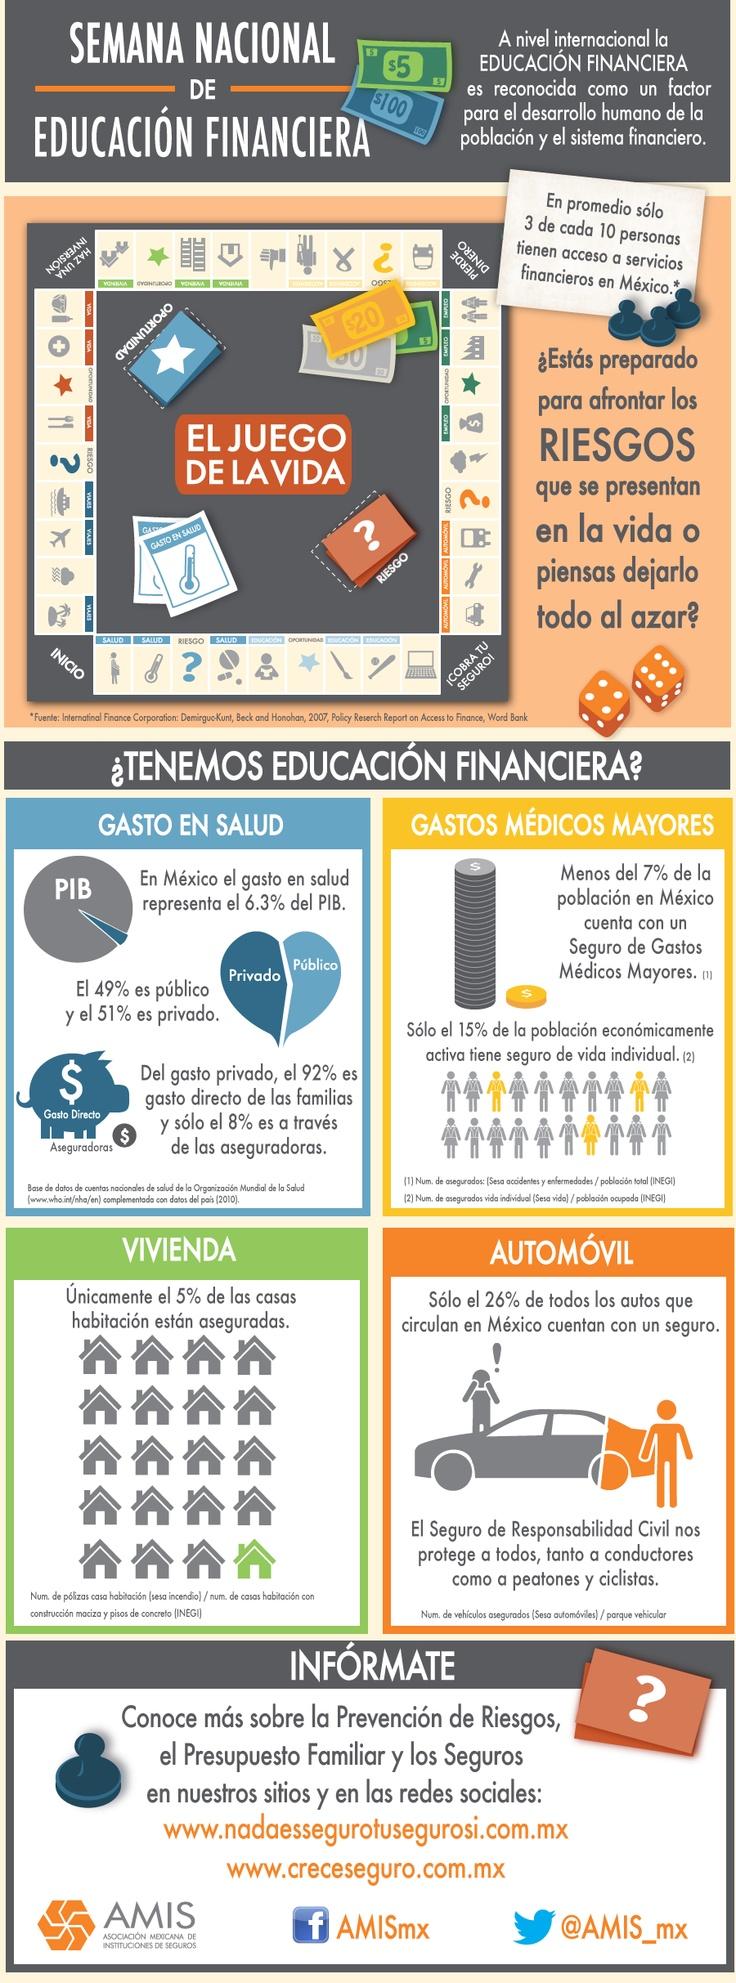 Semana de Educación Financiera | infograpps